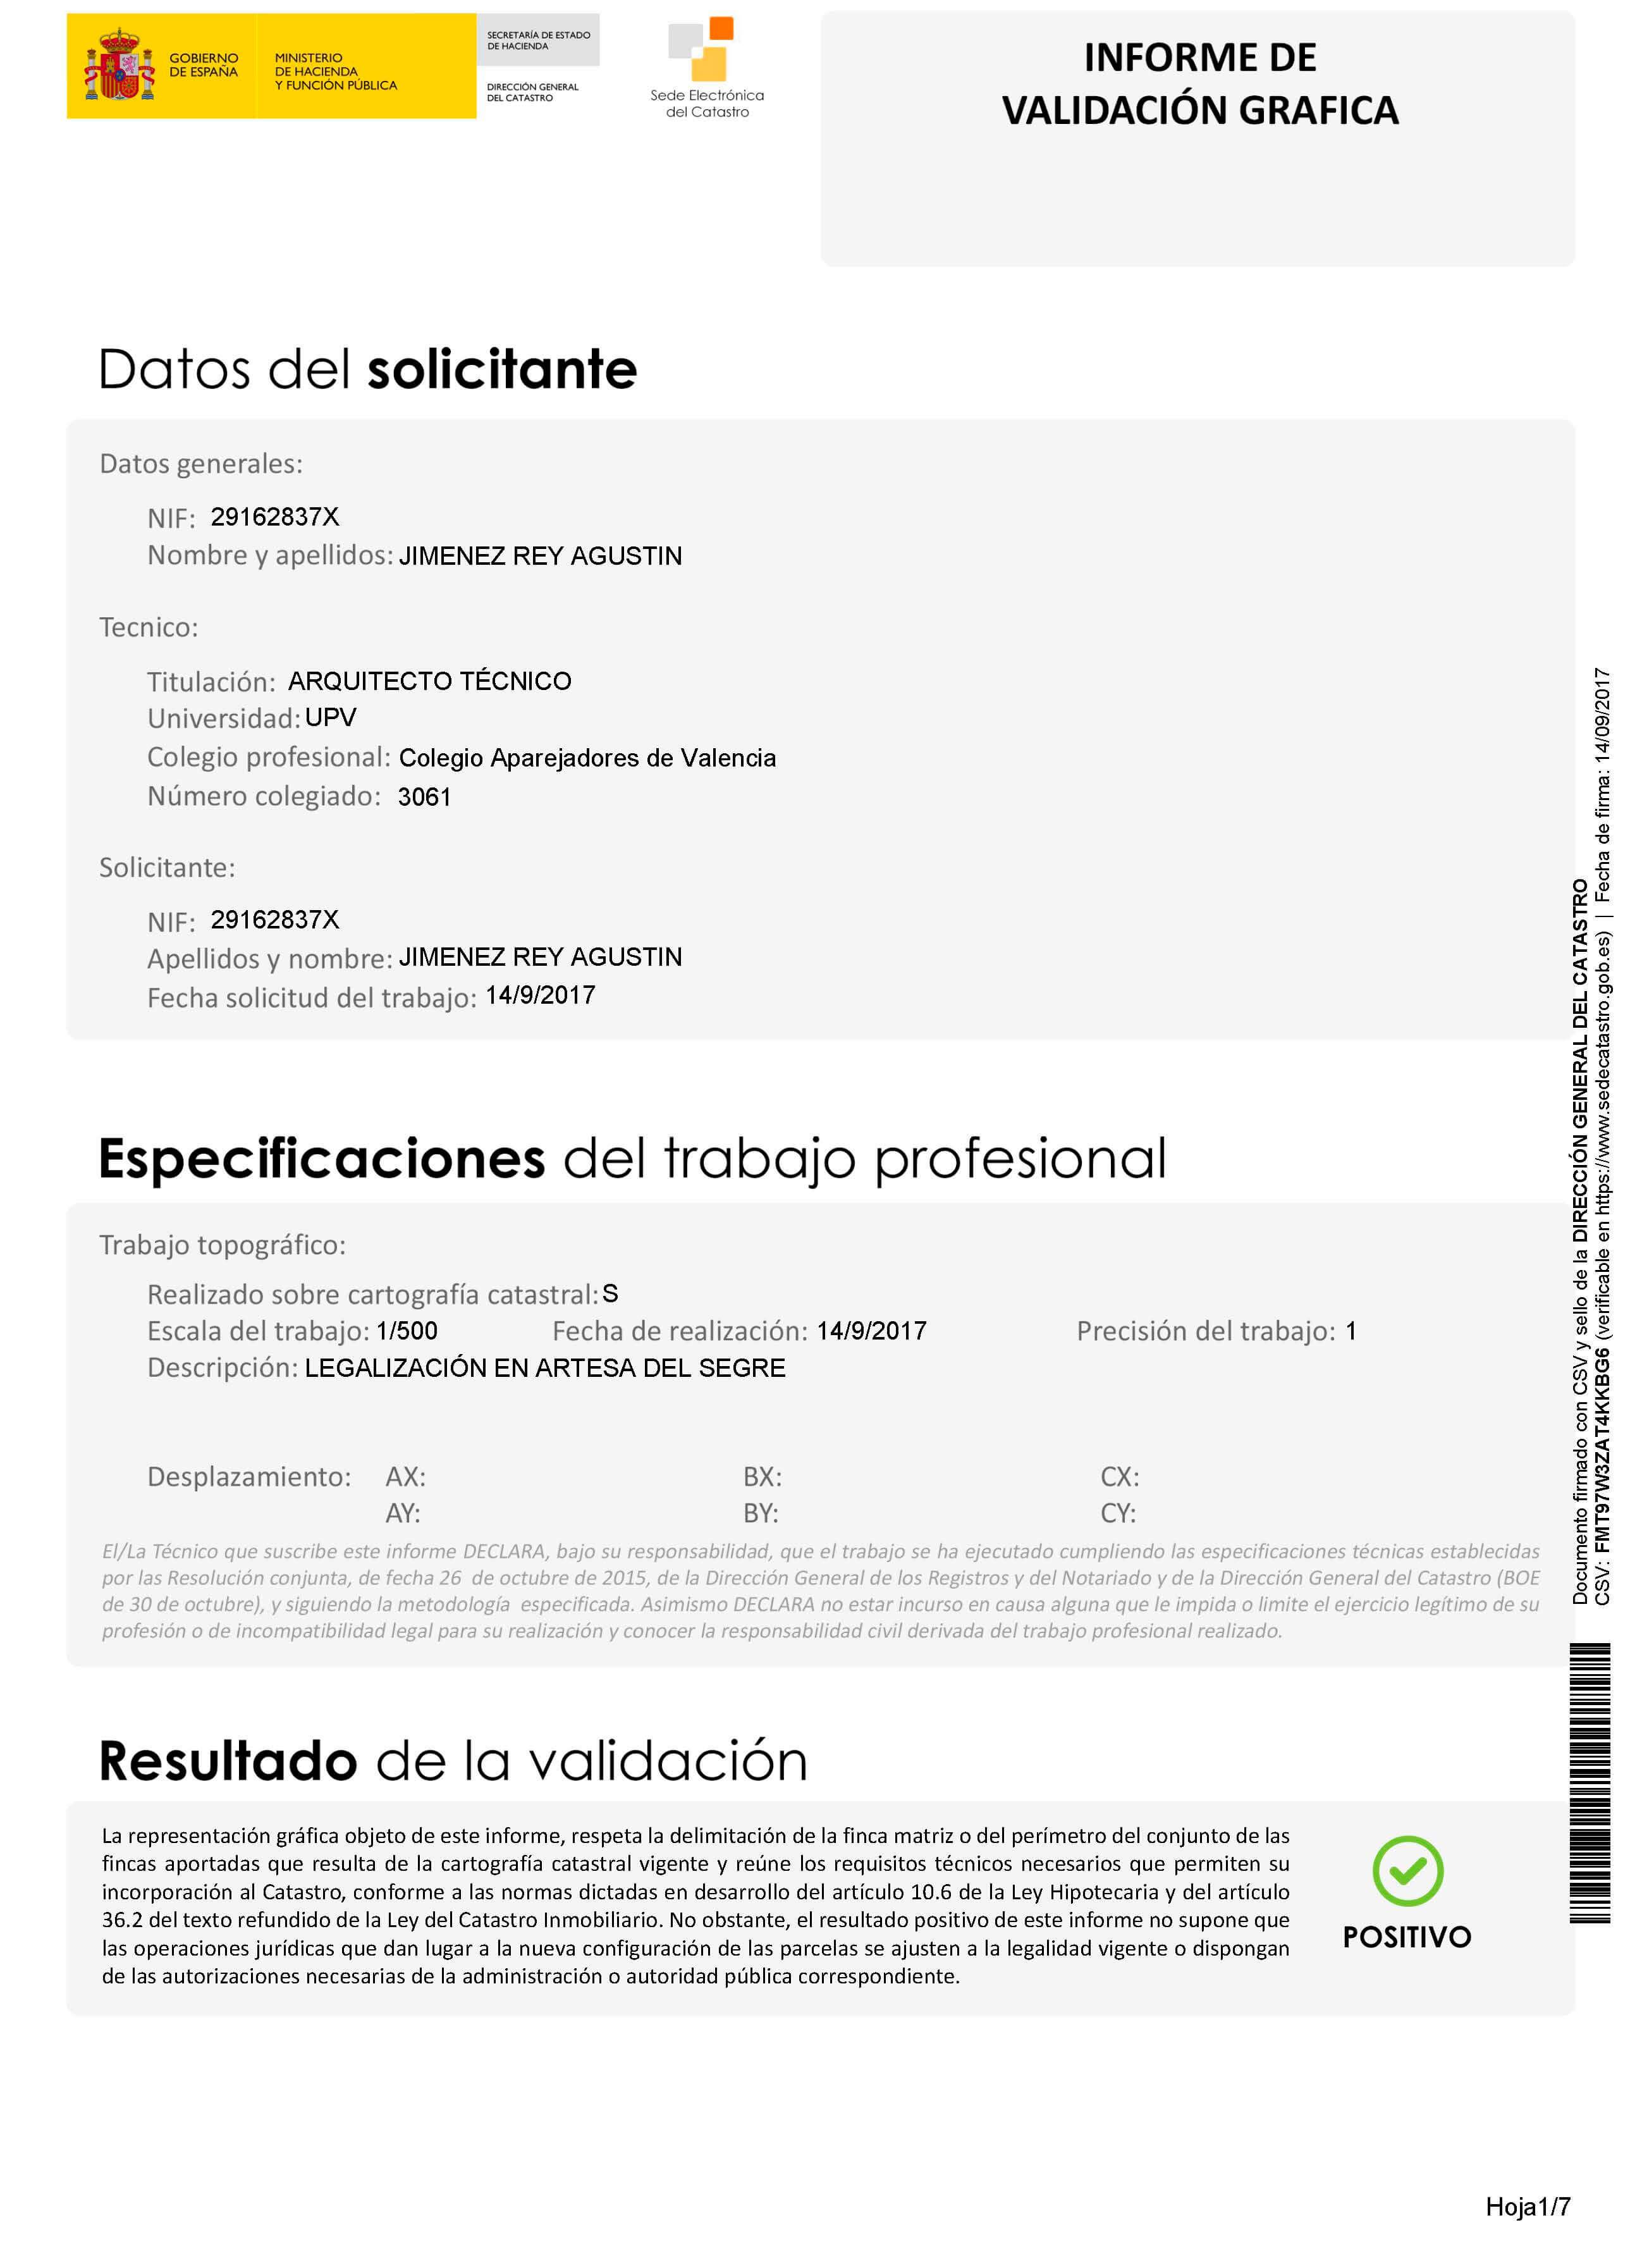 INFORME-COORDENADAS-GEORREFERENCIADAS_Página_1